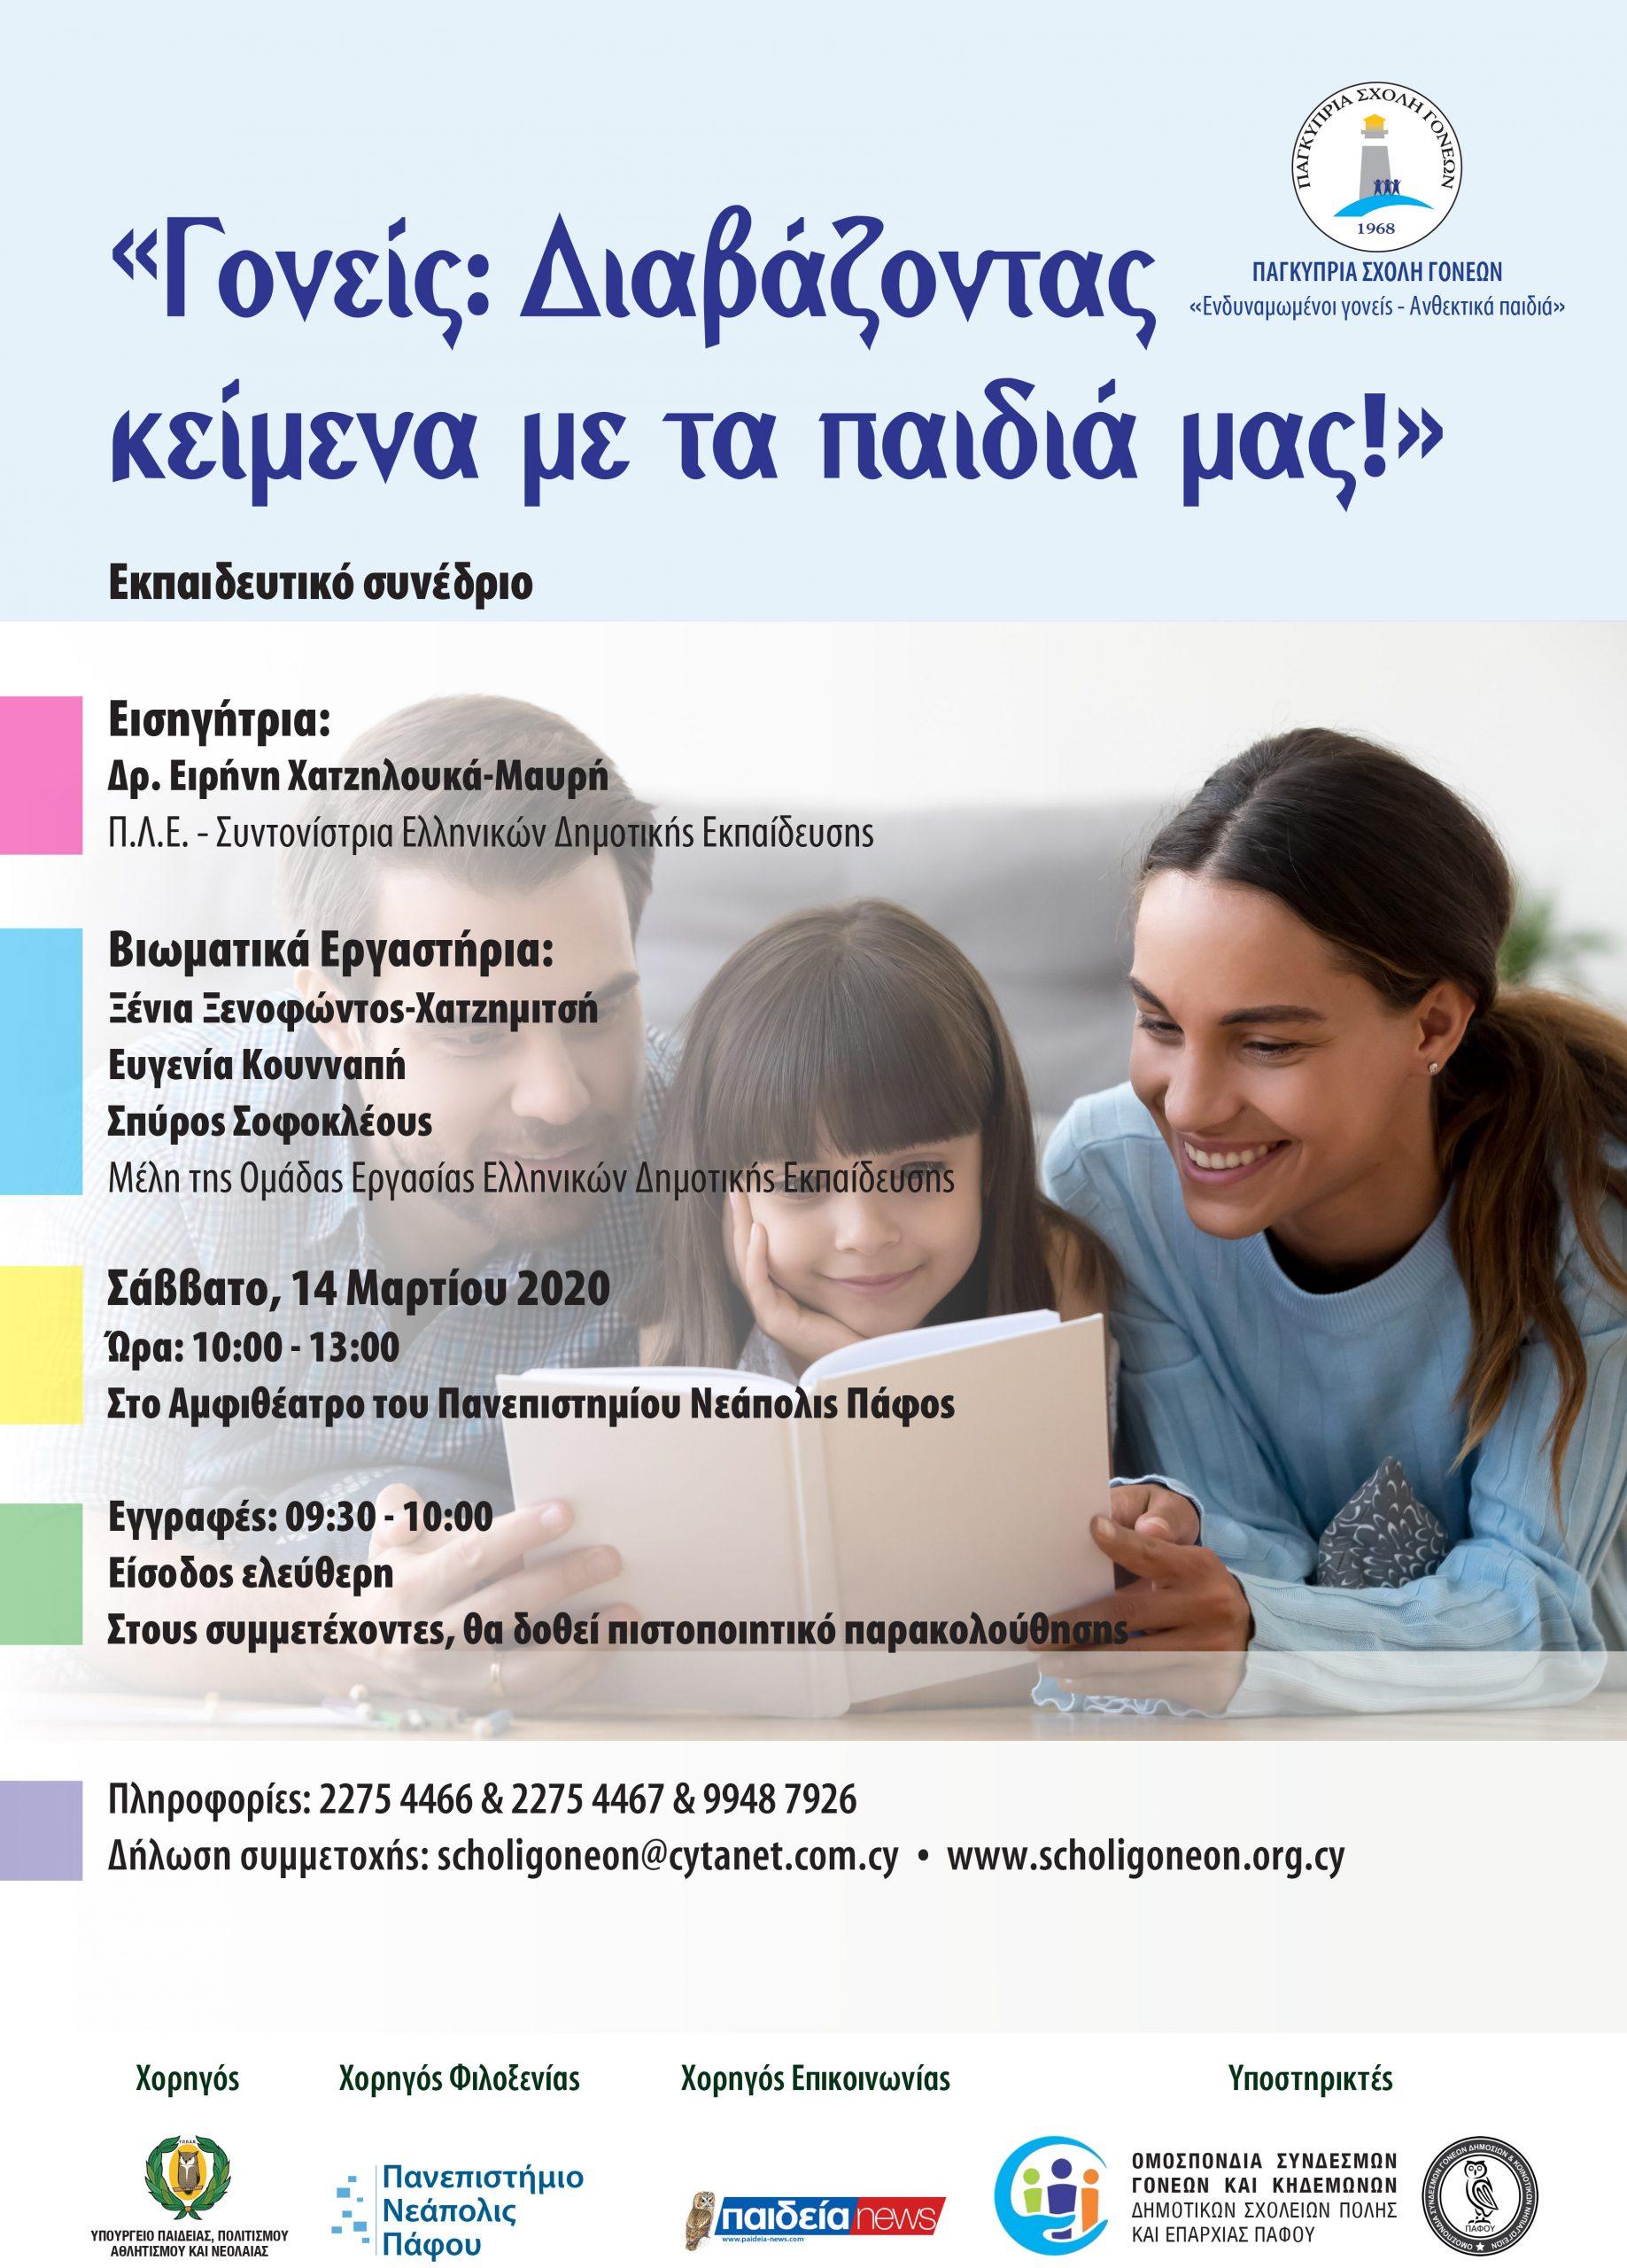 Στην Πάφο θα πραγματοποιηθεί το επόμενο Επαρχιακό Εκπαιδευτικό Συνέδριο με θέμα:  «Γονείς: Διαβάζοντας κείμενα με τα παιδιά μας!» Σάββατο 14 Μαρτίου 2020 στο Αμφιθέατρο του Πανεπιστημίου Νεάπολις στην Πάφο.